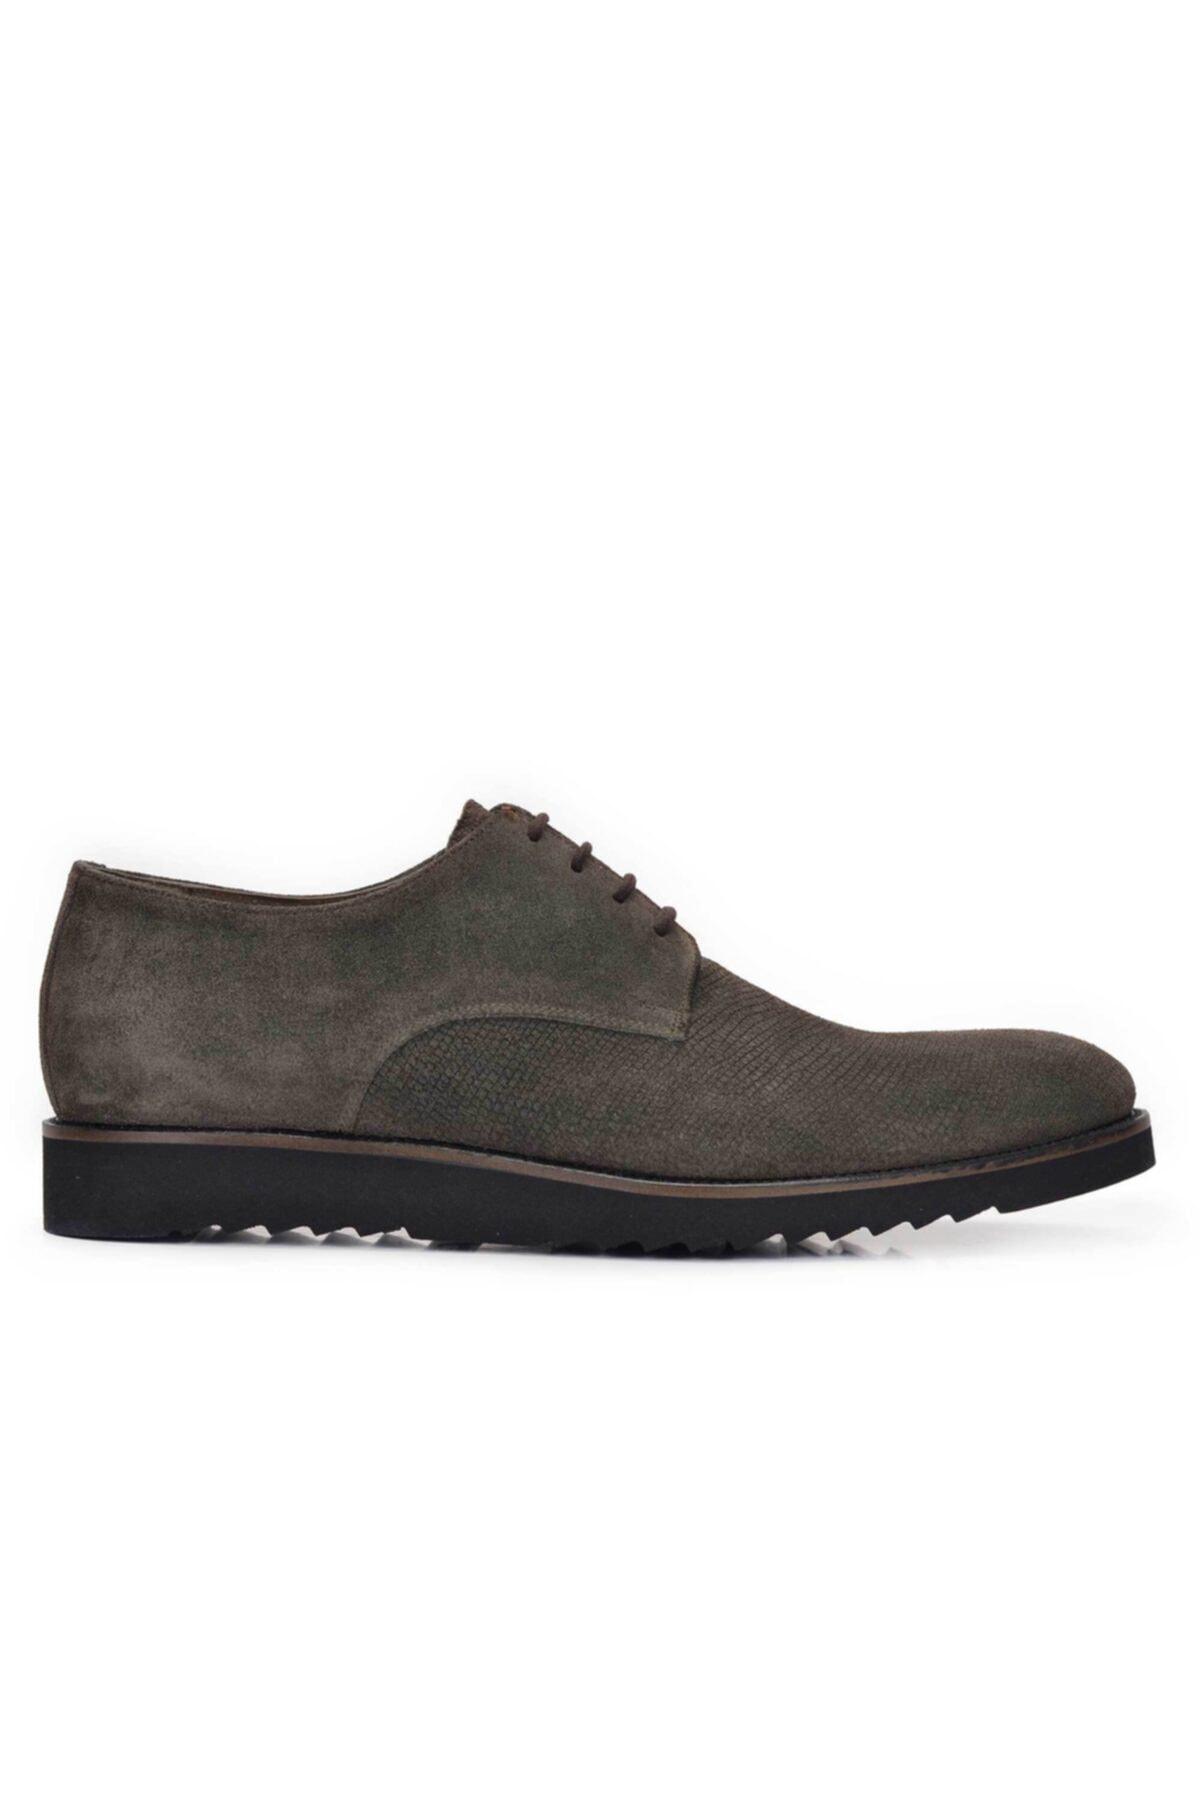 Nevzat Onay Hakiki Deri Haki Günlük Bağcıklı Erkek Ayakkabı -10425- 1